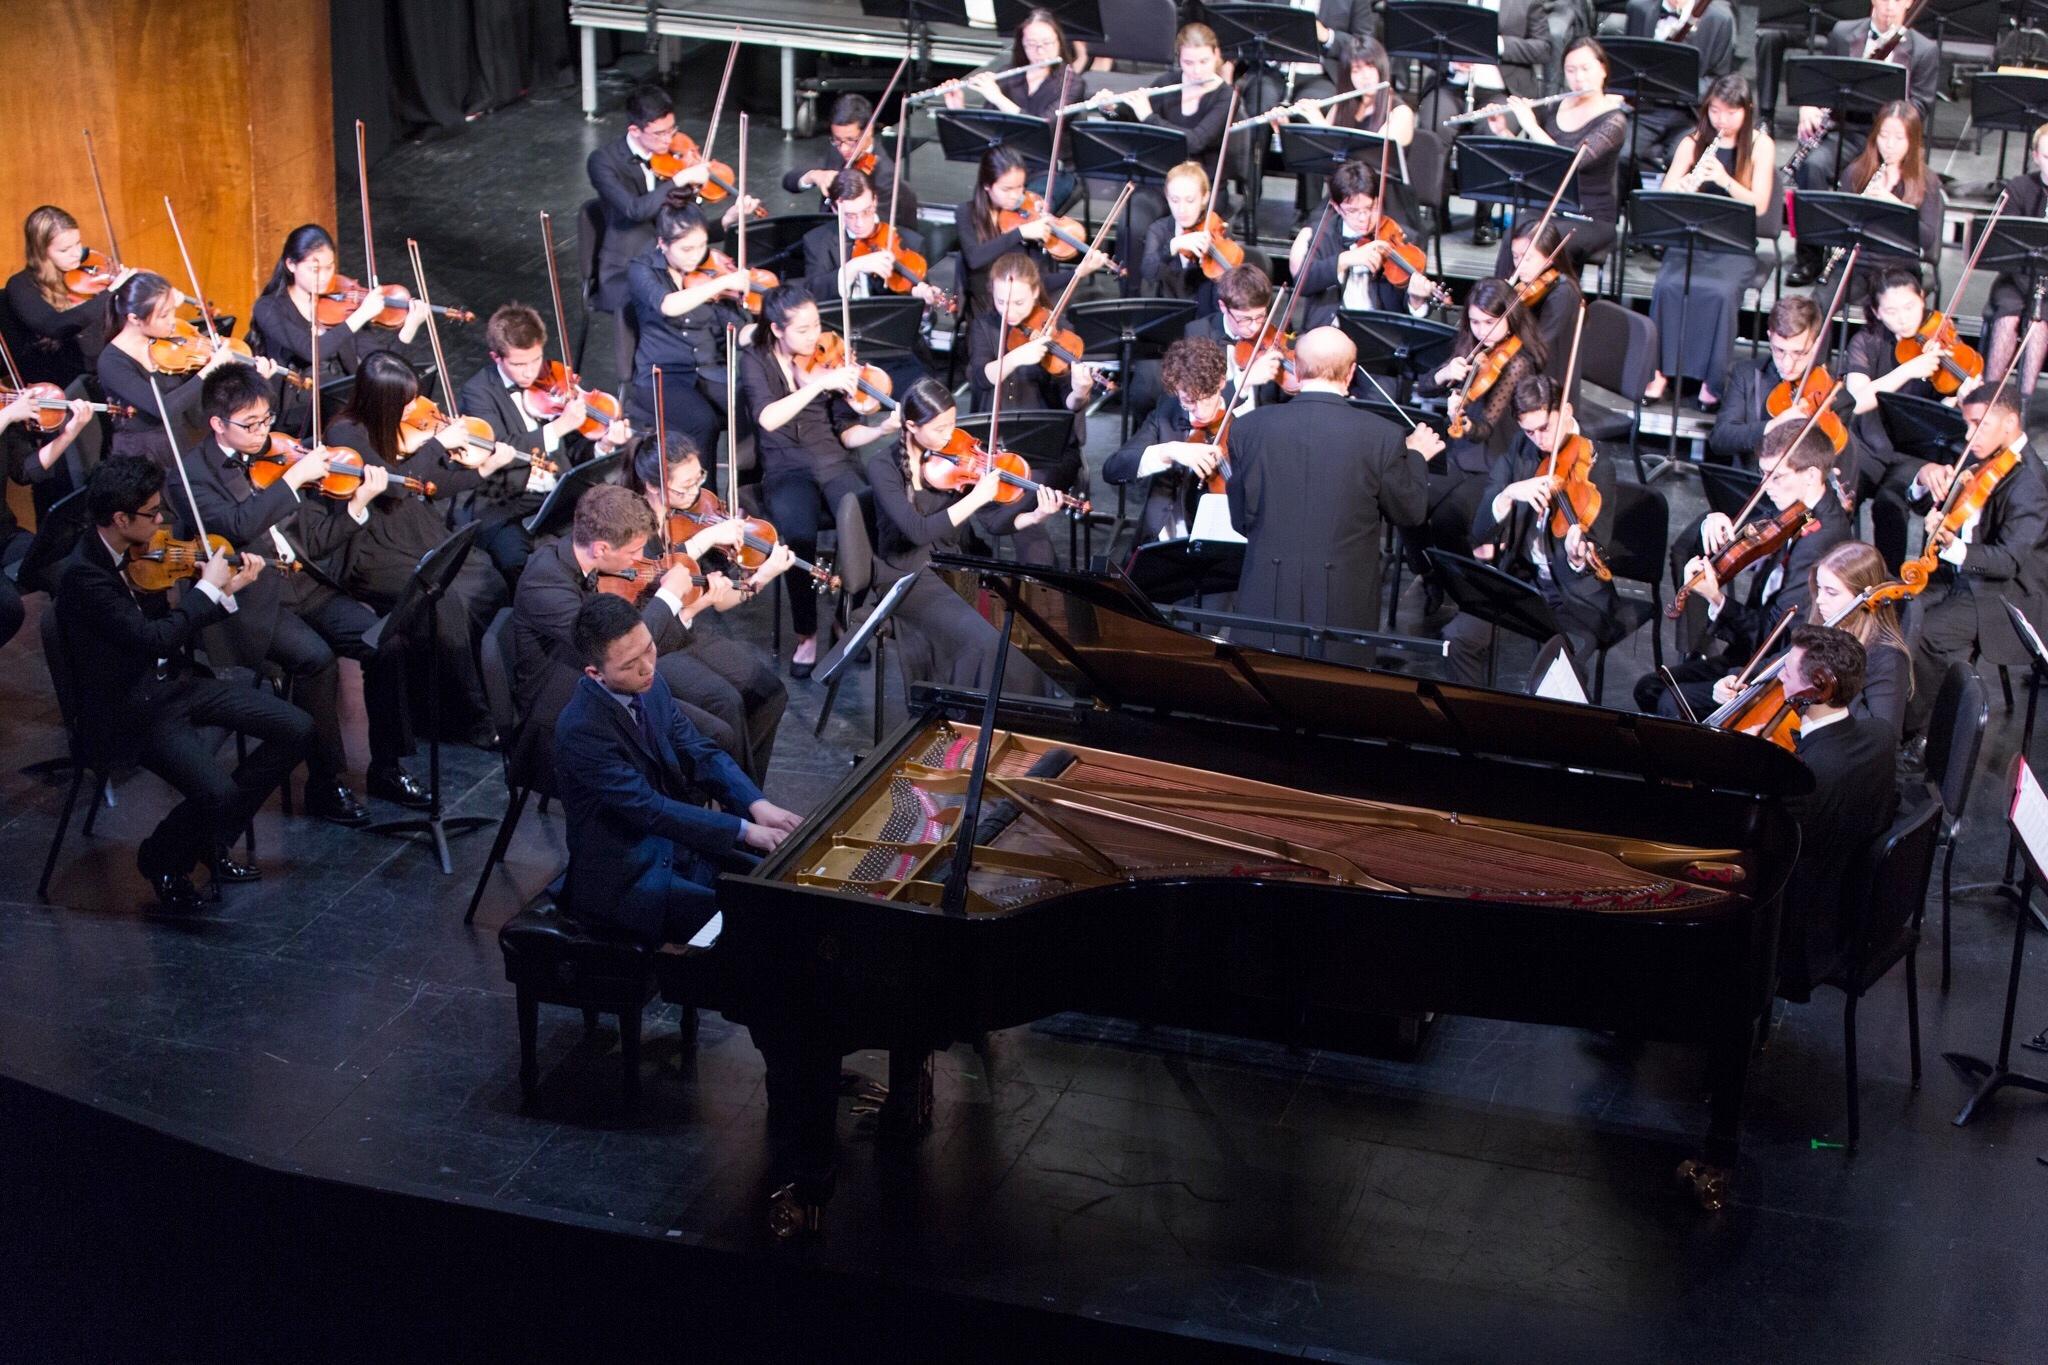 钢琴男孩获美国音乐名校全奖 每天苦练10小时